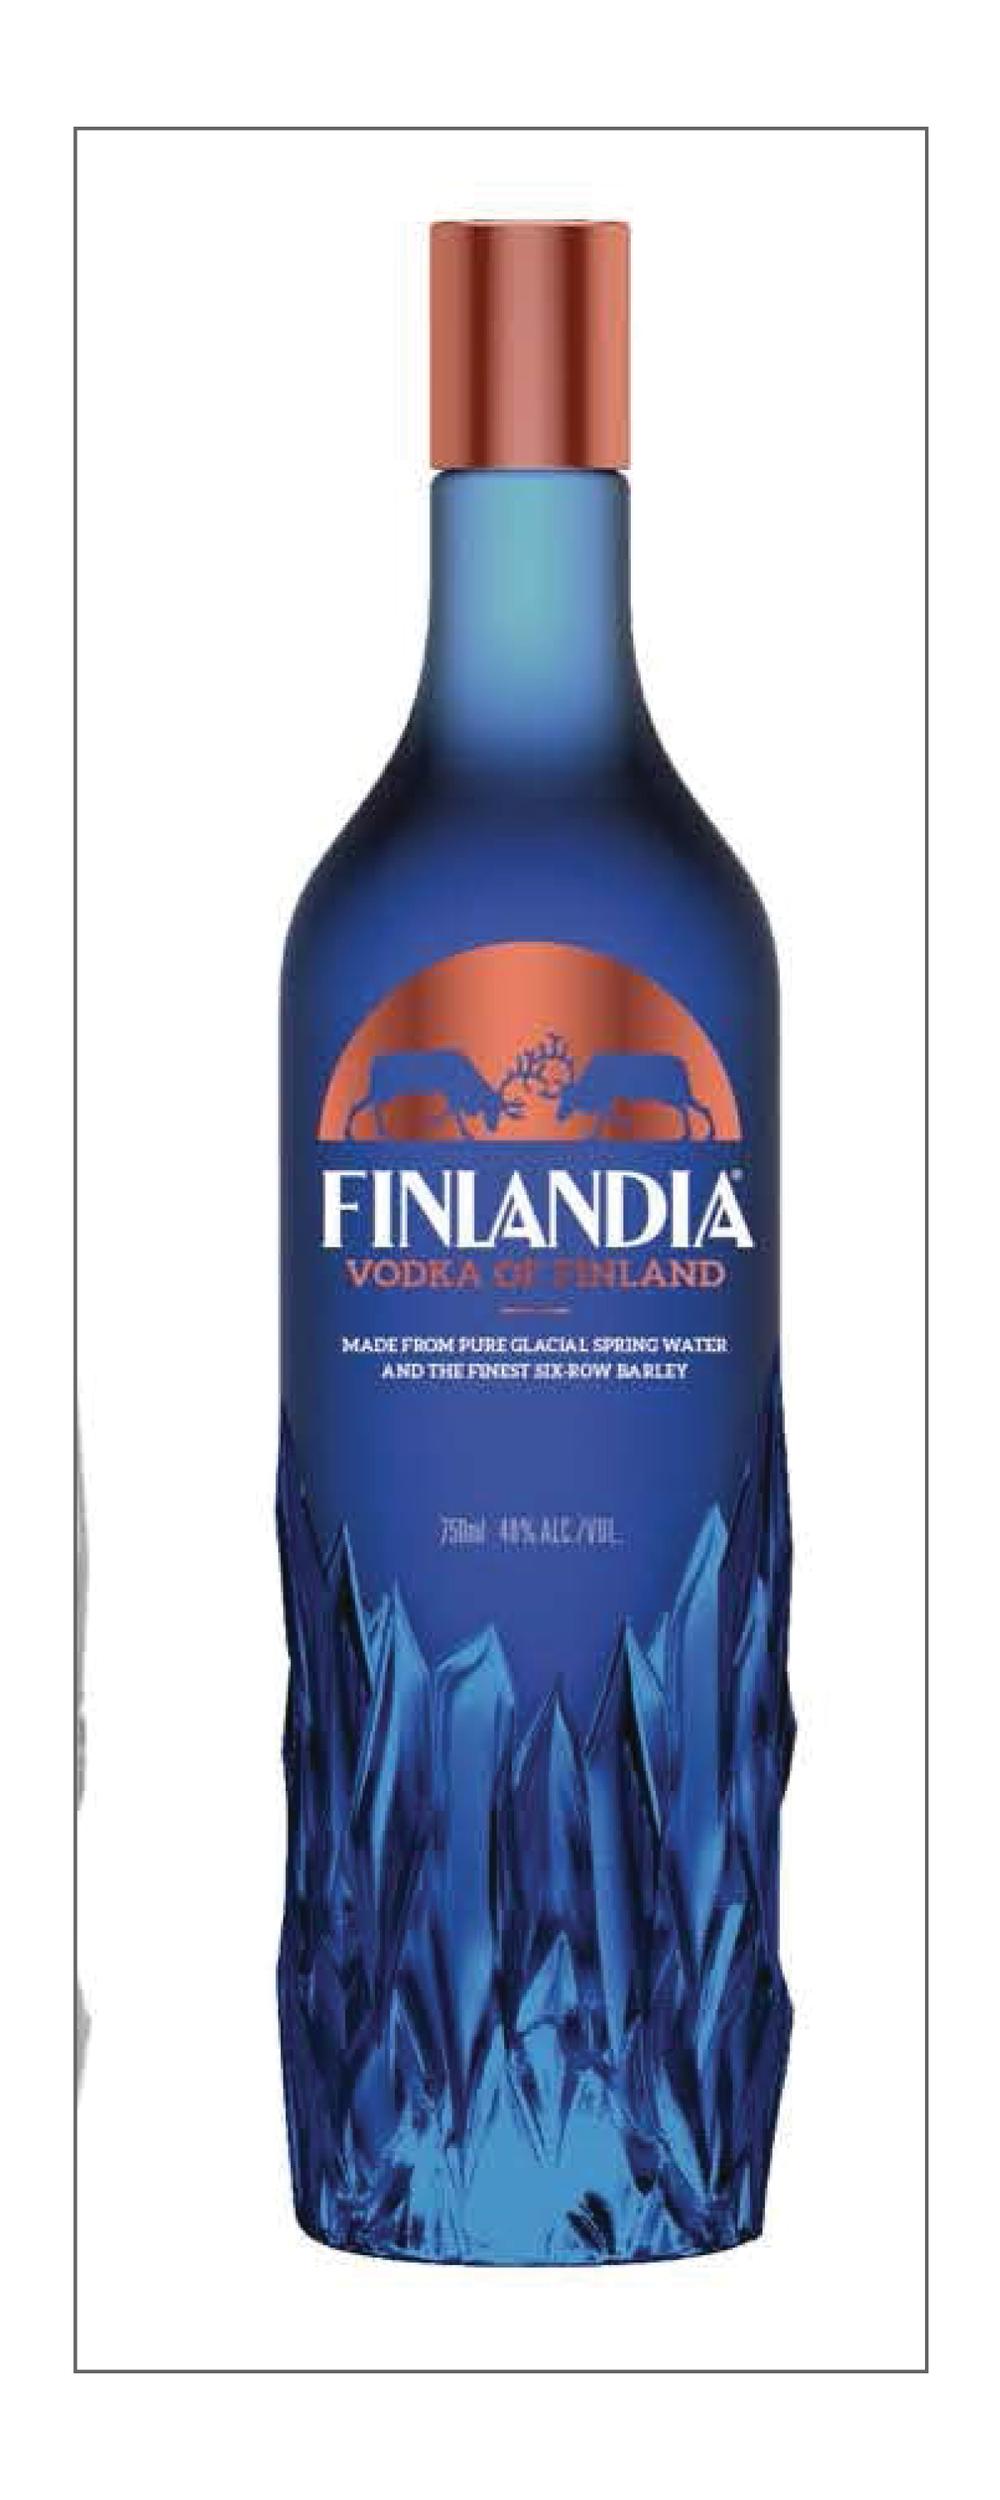 FV_Bottle_concepts9.png